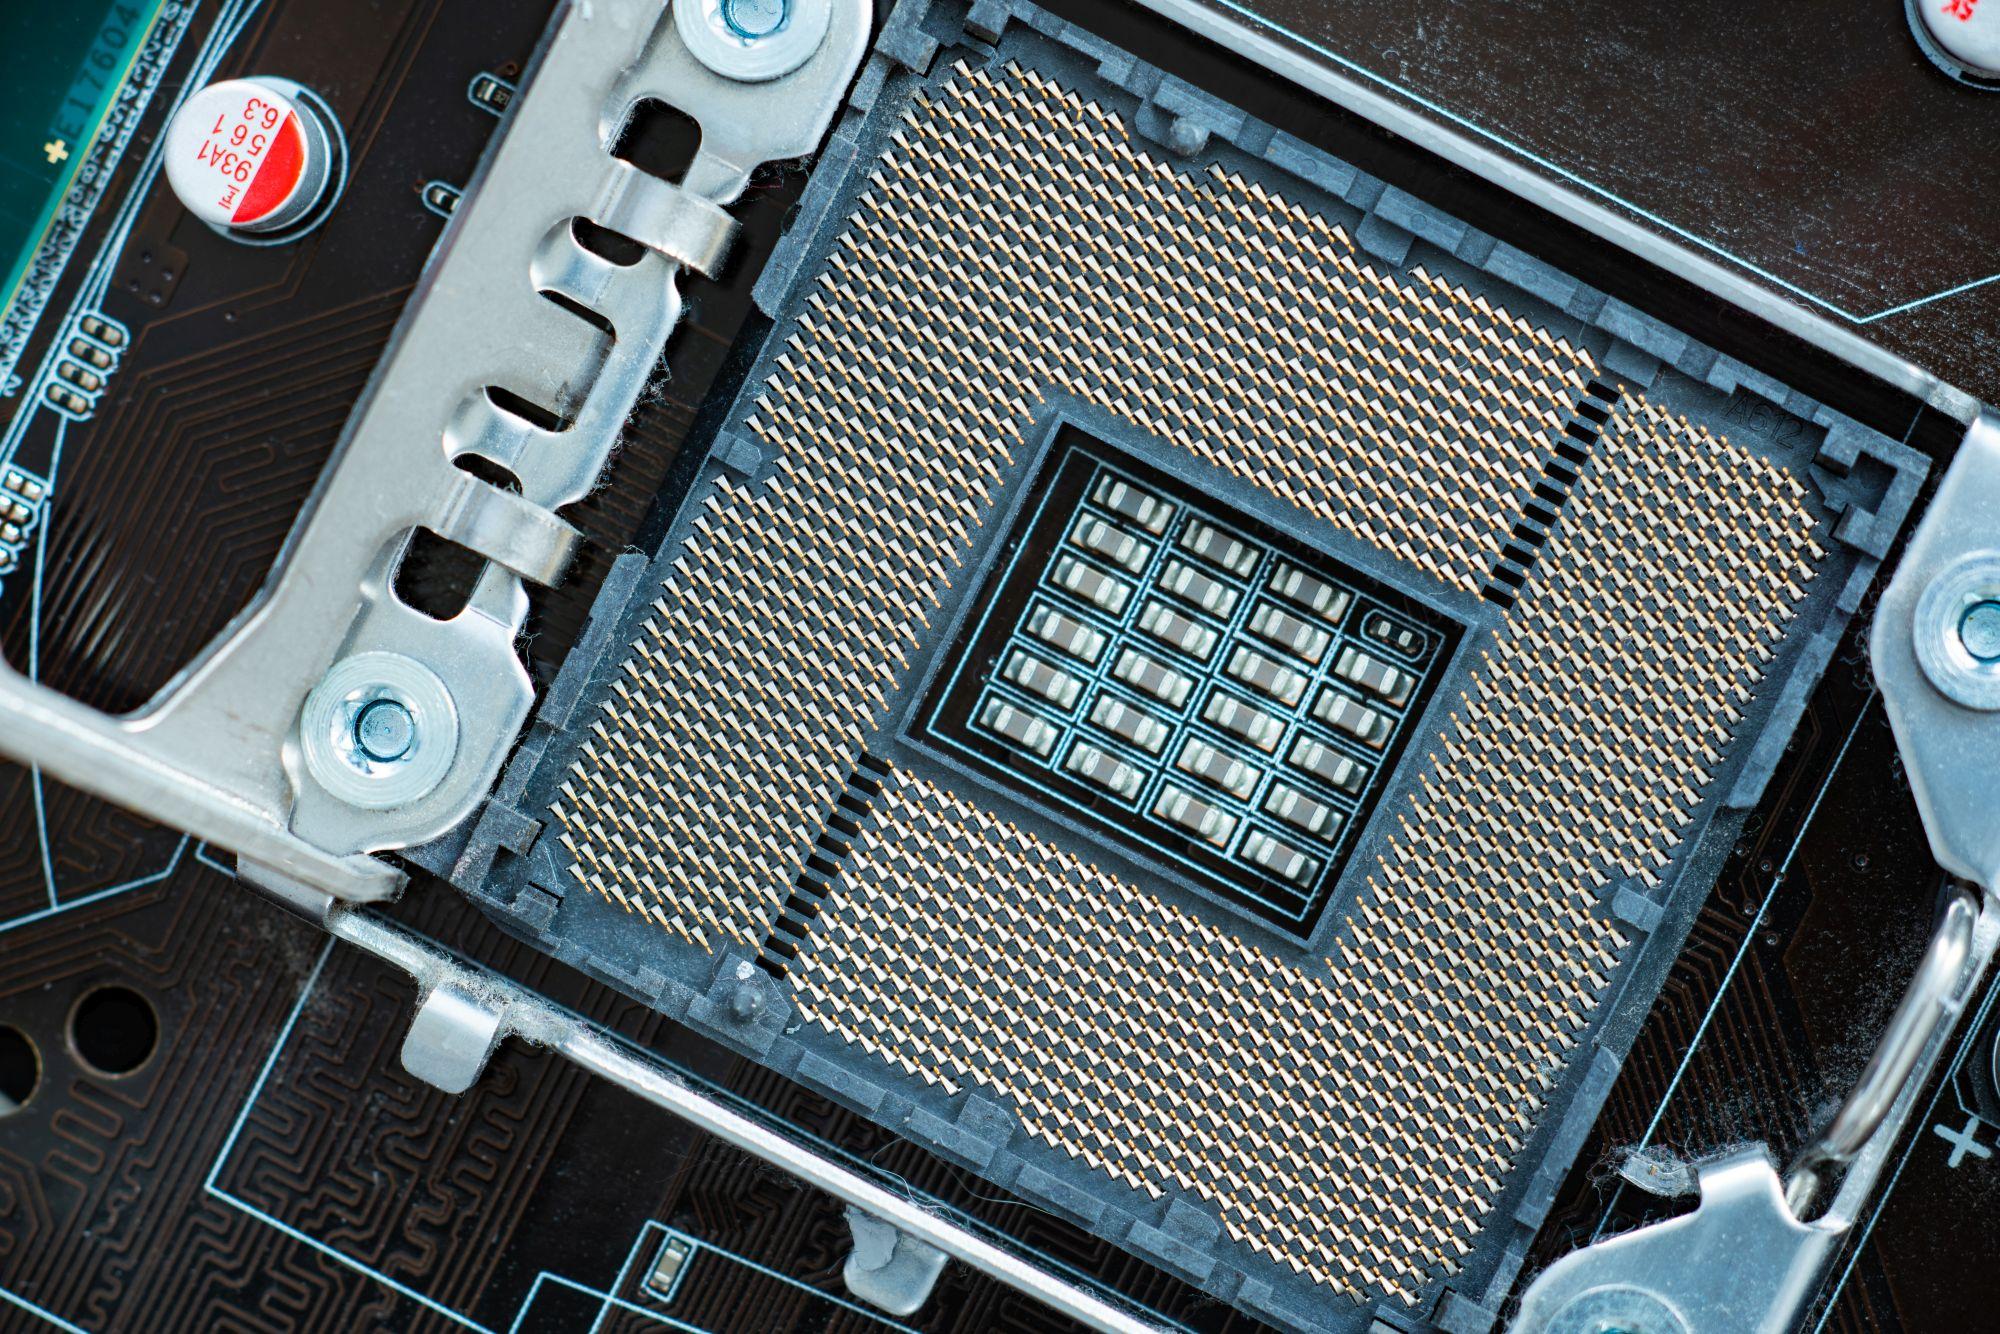 Древности: современный компьютер из старых запчастей - 2